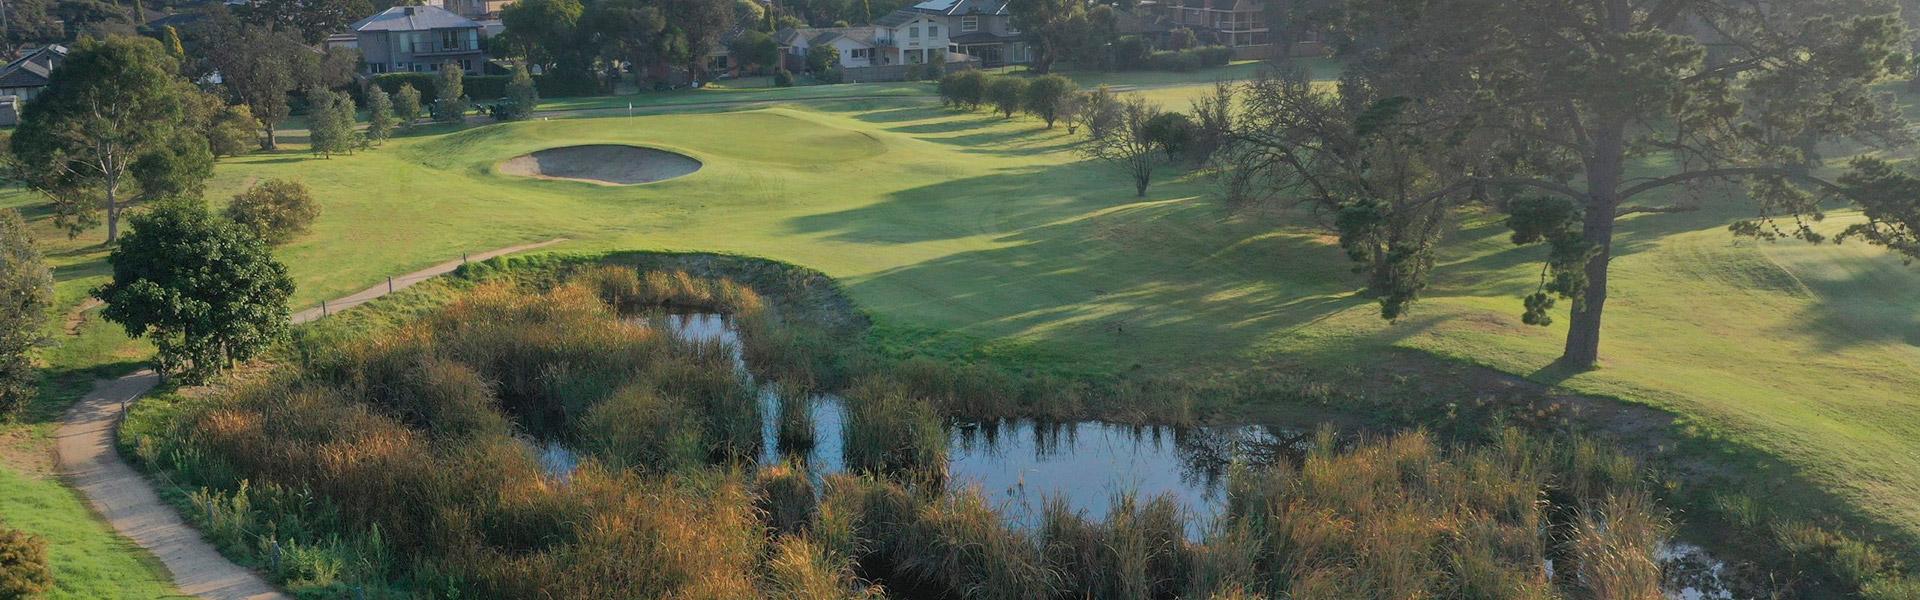 Hole 3 - Rossdale Golf Club